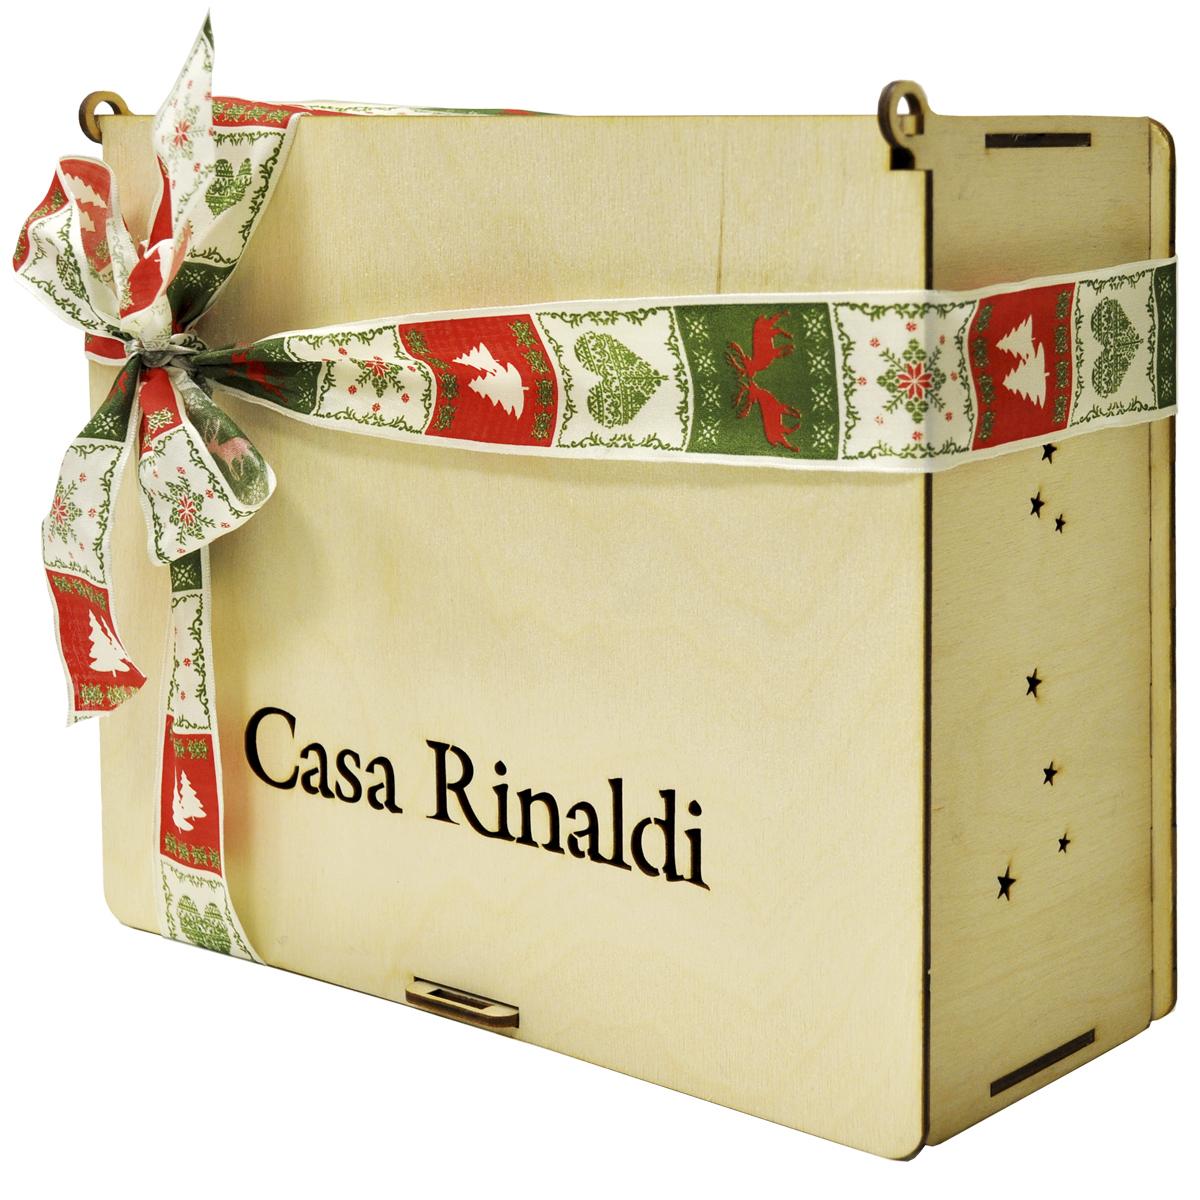 ПОДАРОК Casa Rinaldi Фирменный стиль